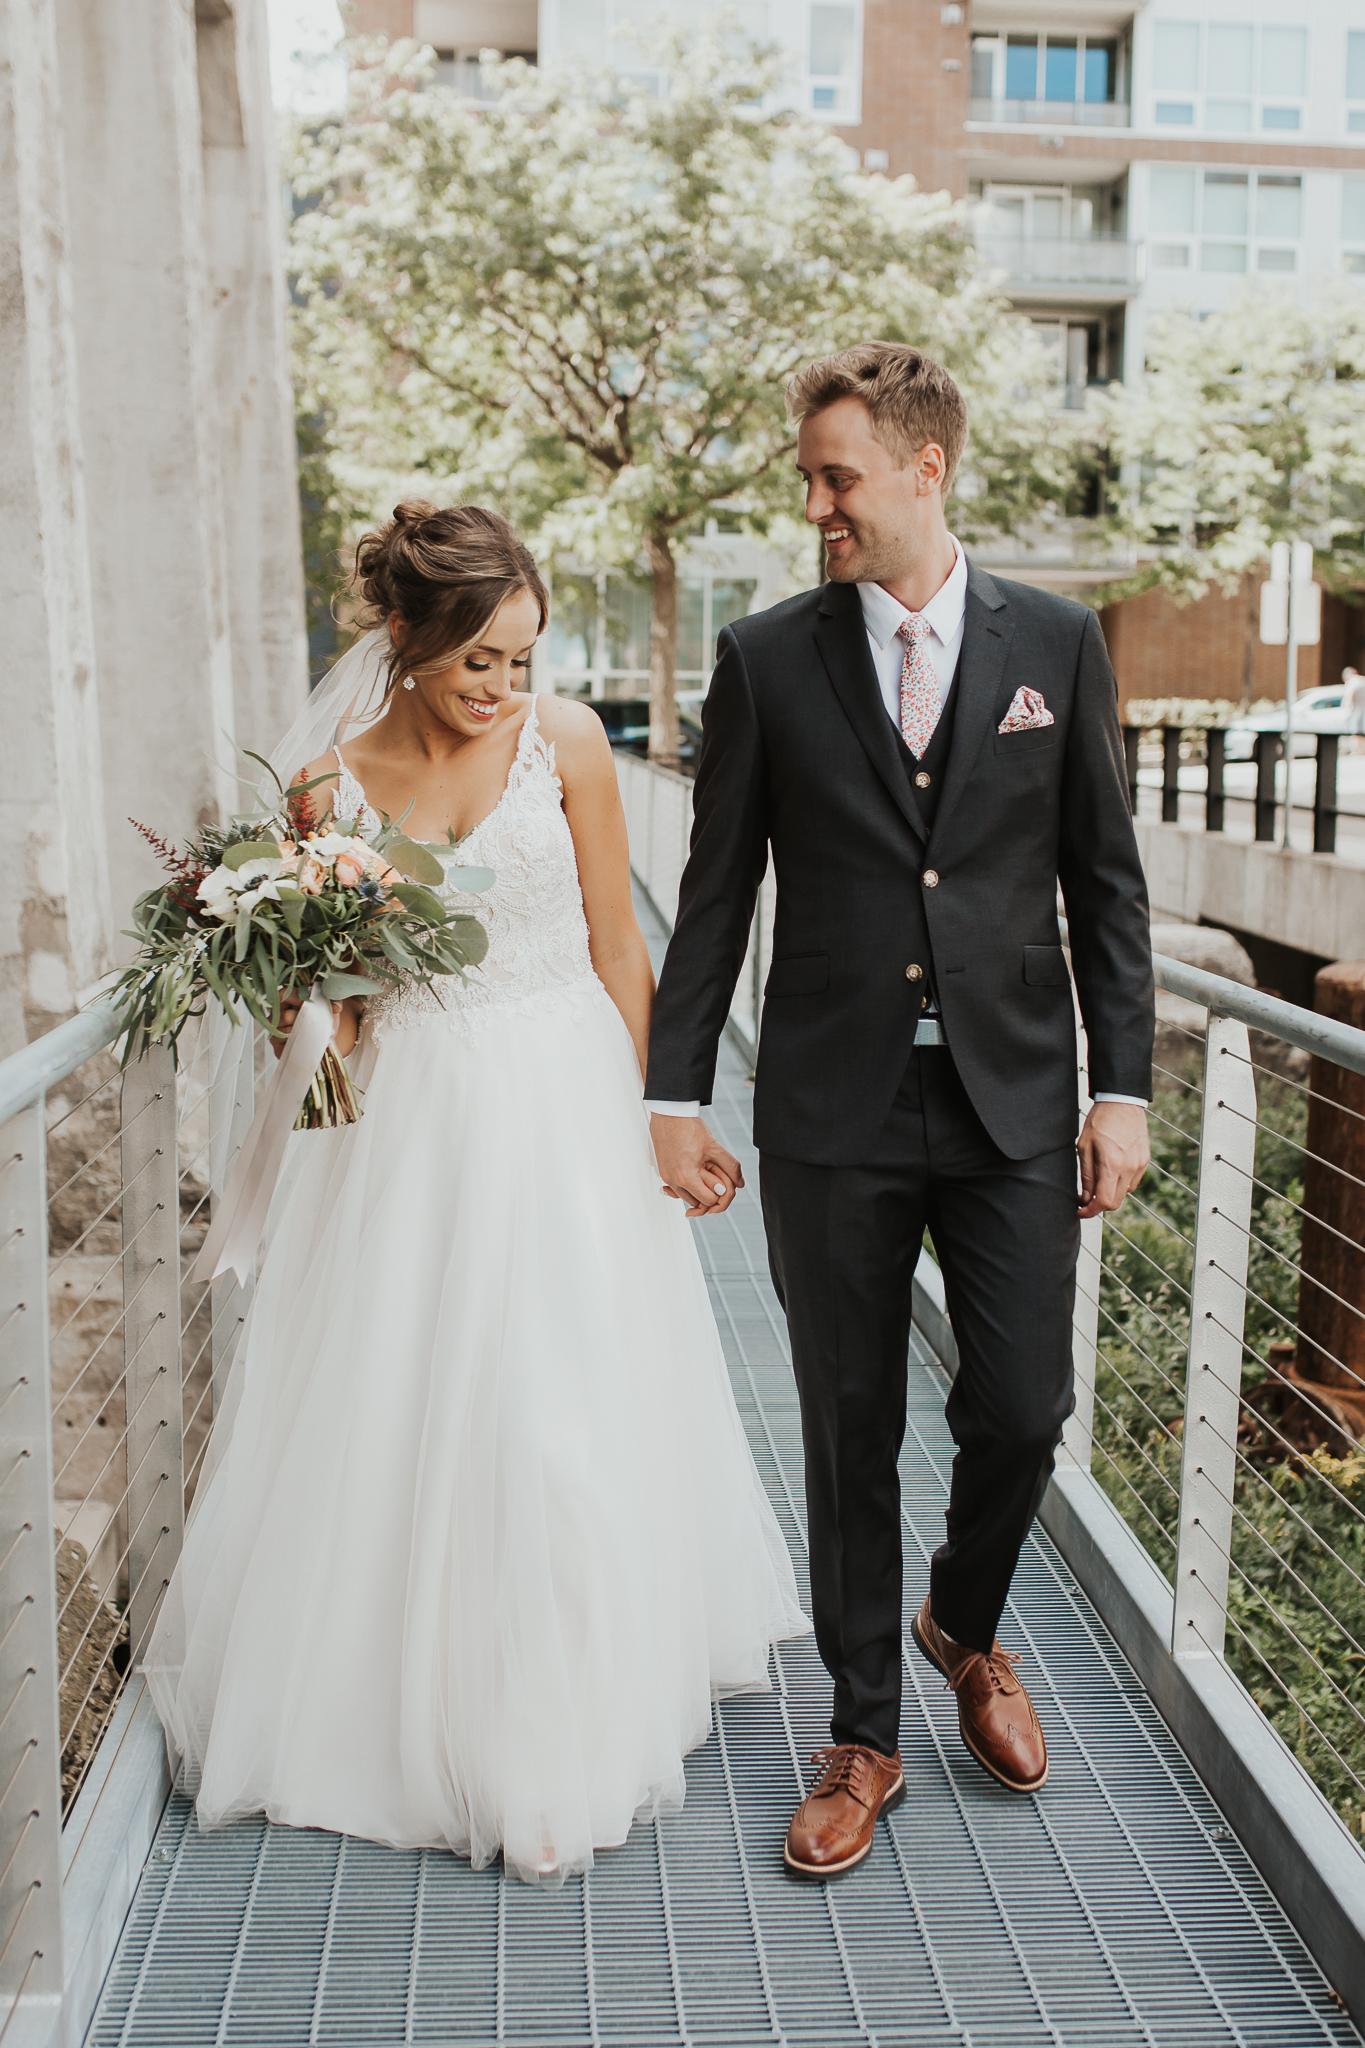 CoreyKelly-Wedding-28.jpg